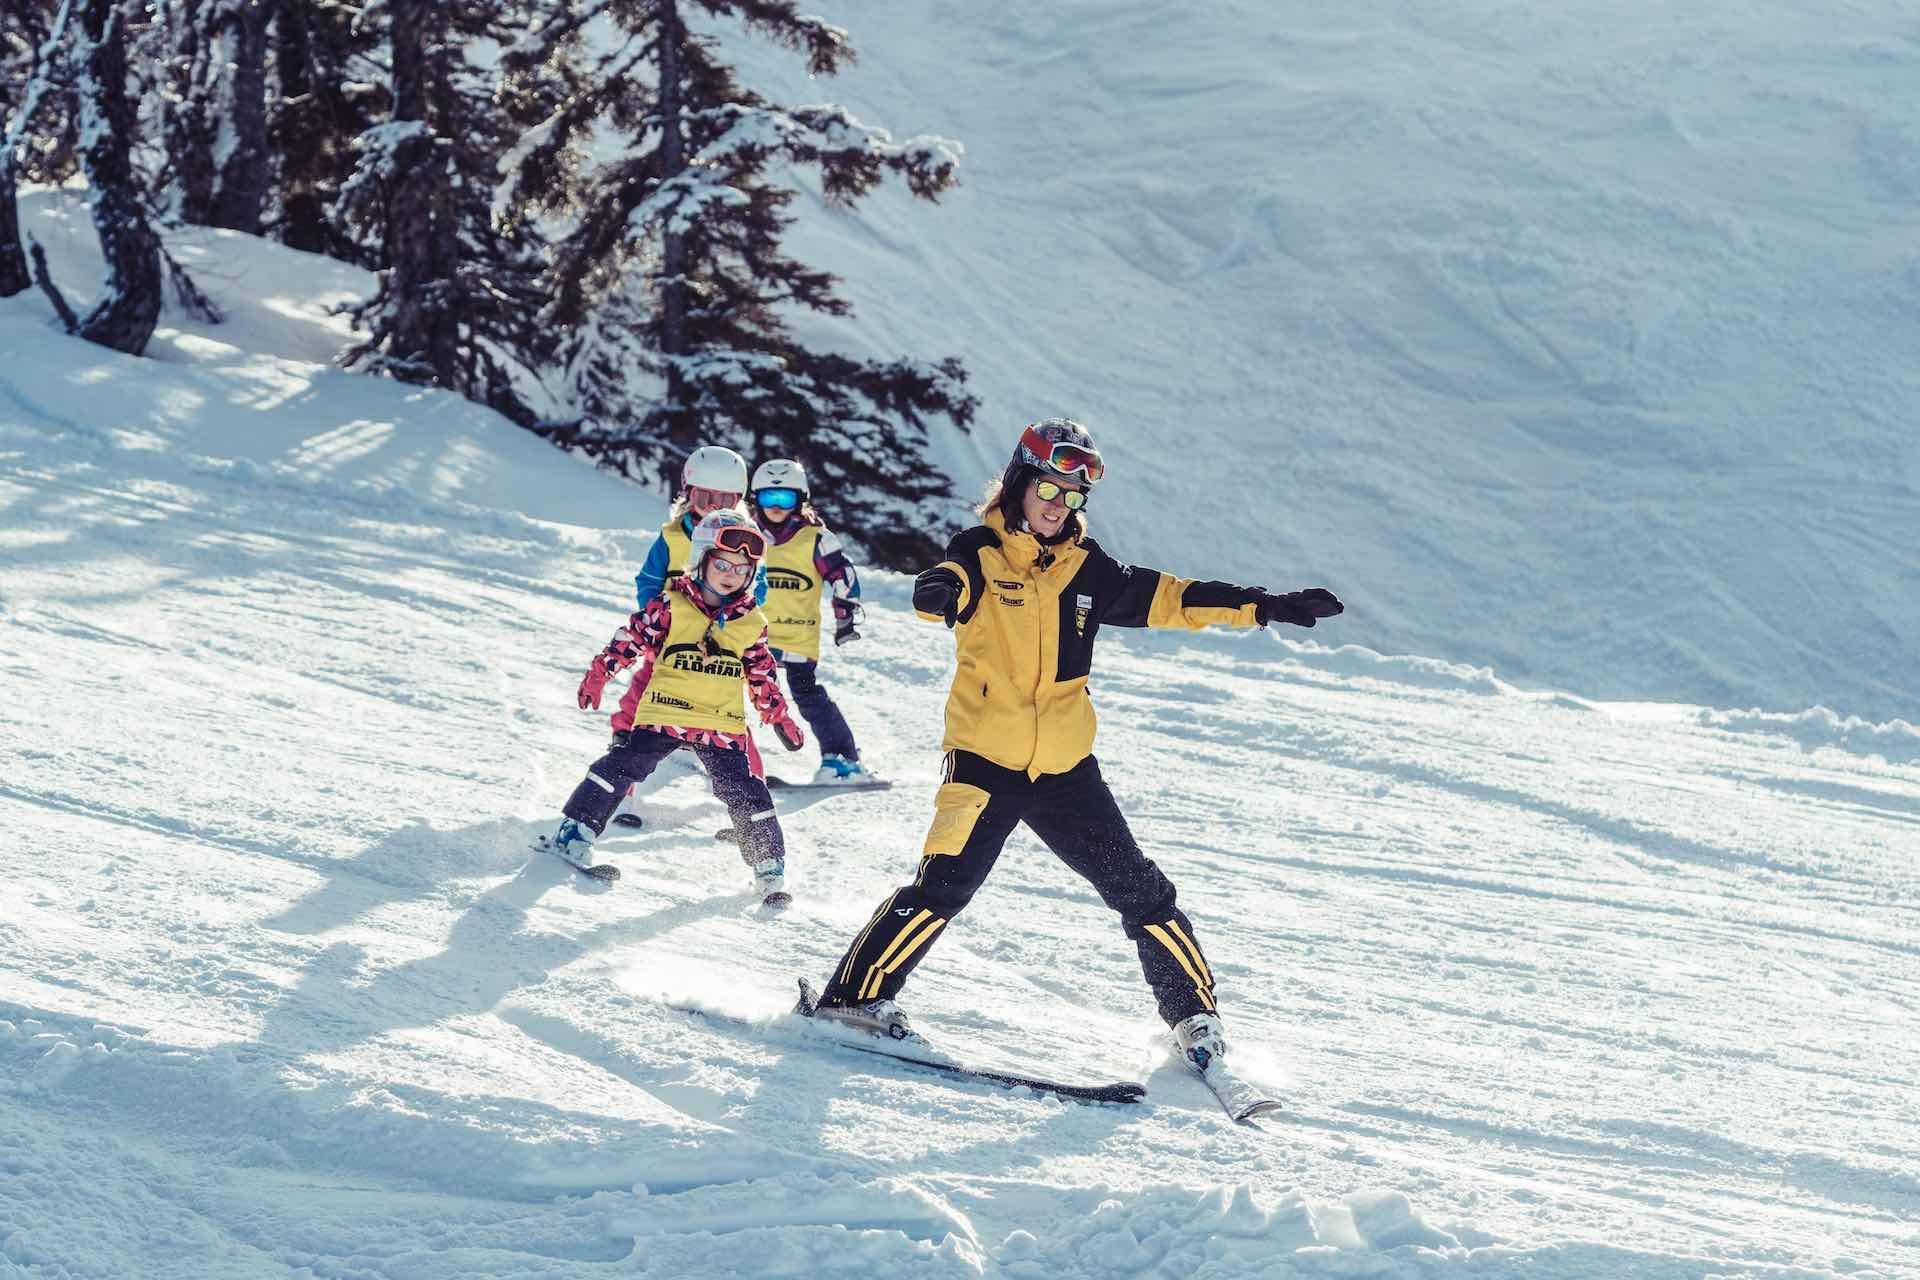 Cours de ski Enfants dès 4 ans - Avancé